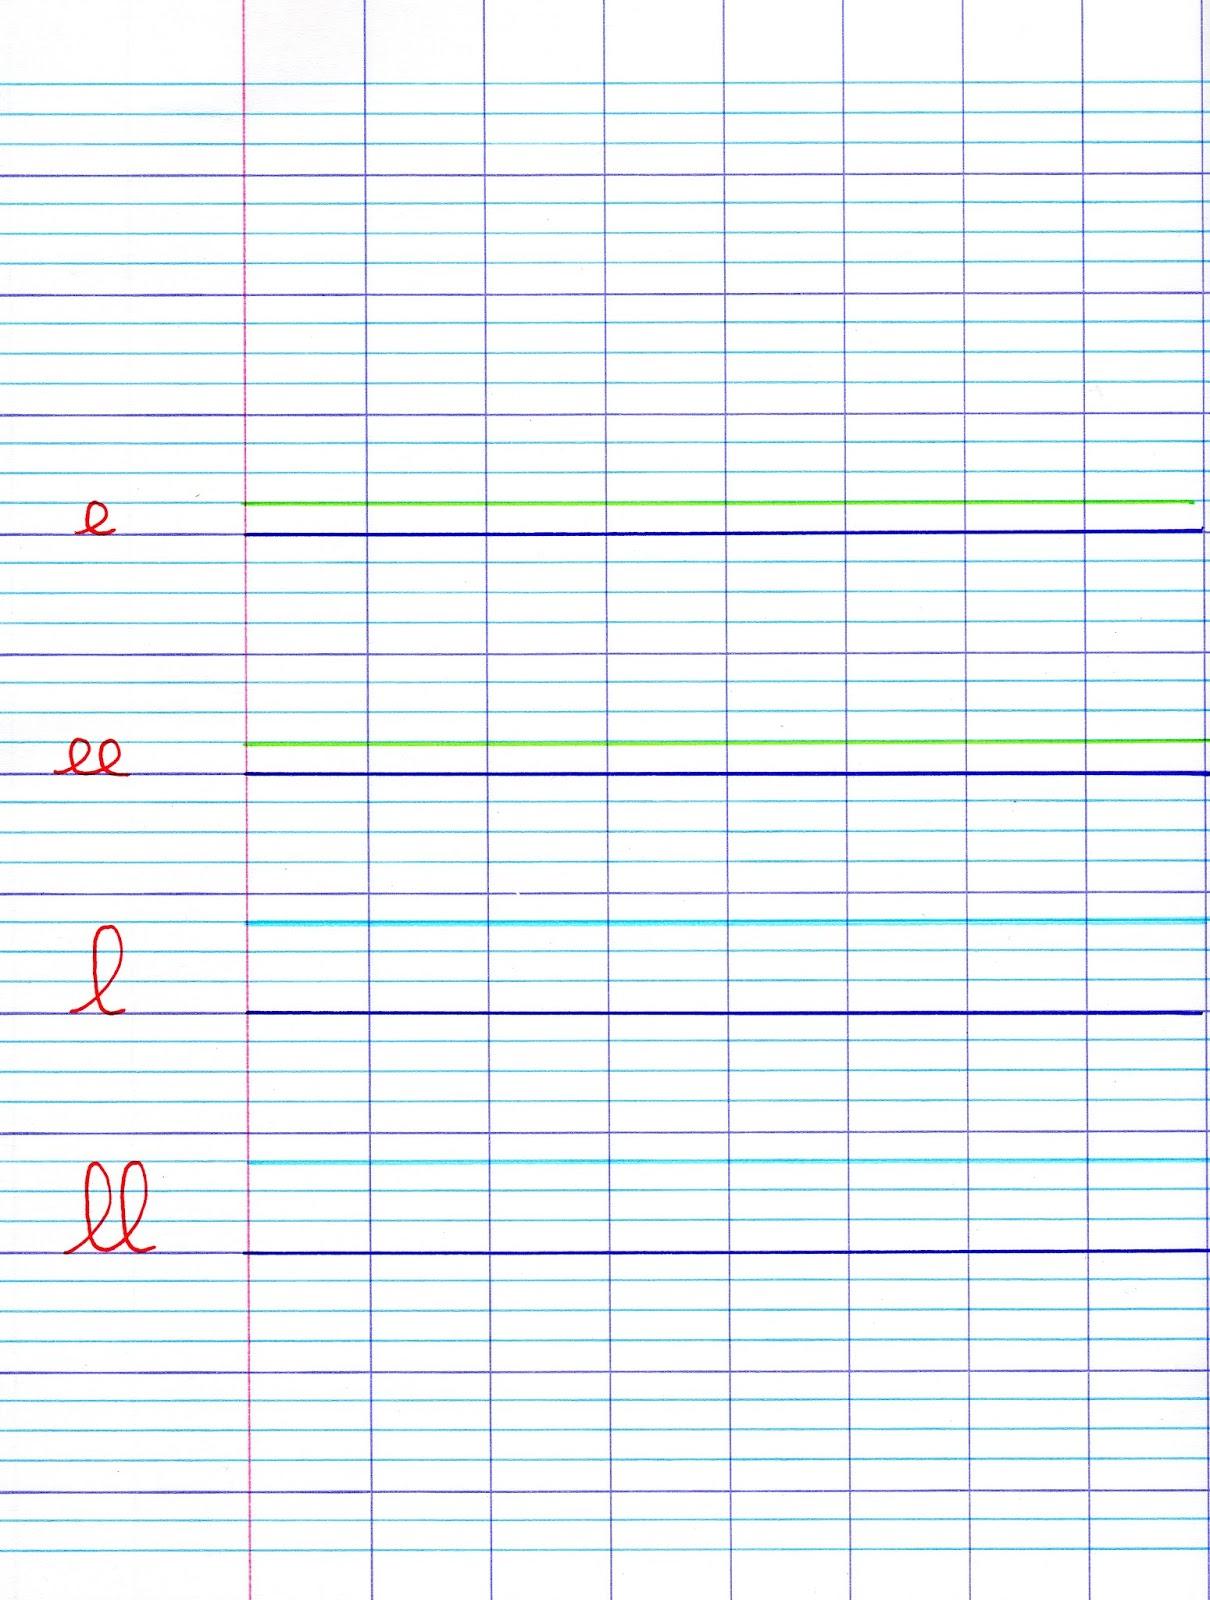 Ipotame Tame Lettres Alphabet Minuscules Et Majuscules Lignes Seyes